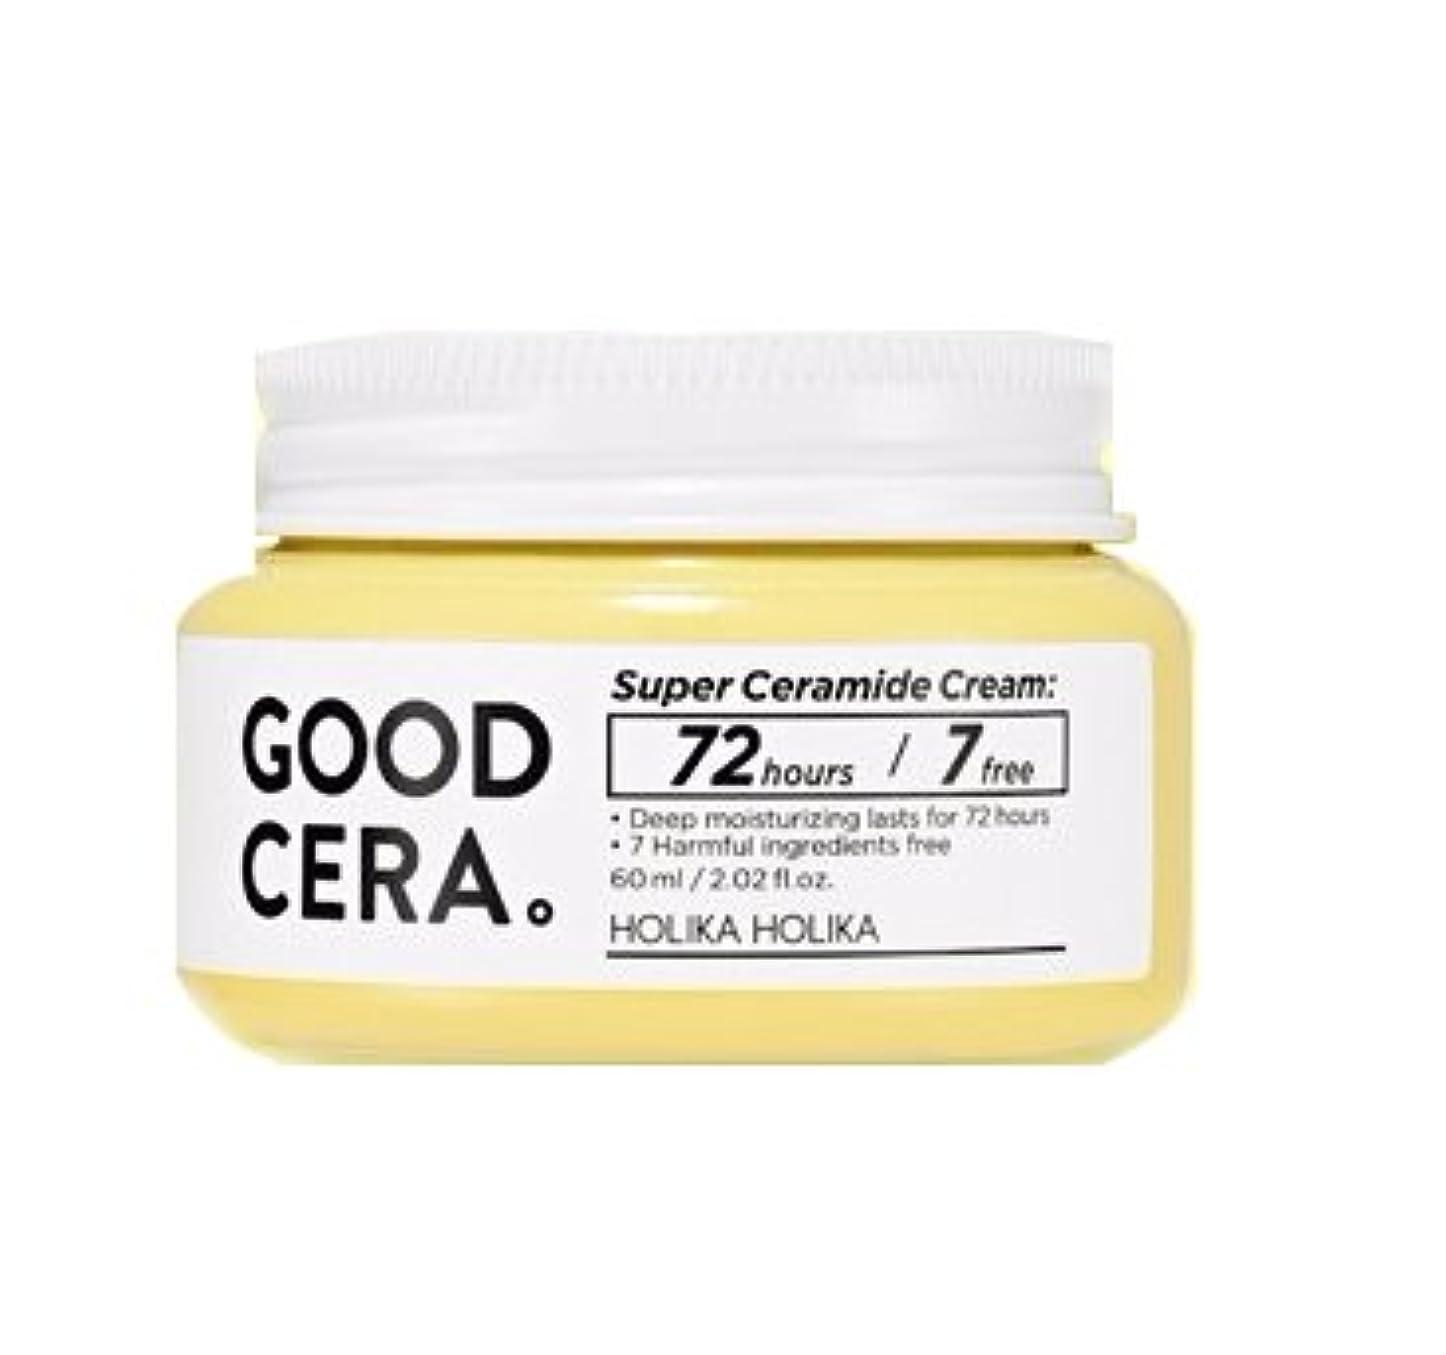 色合い人間ランク[NEW] ホリカホリカ スーパーセラミドクリーム 60ml / HOLIKA HOLIKA Super Ceramide Cream [並行輸入品]